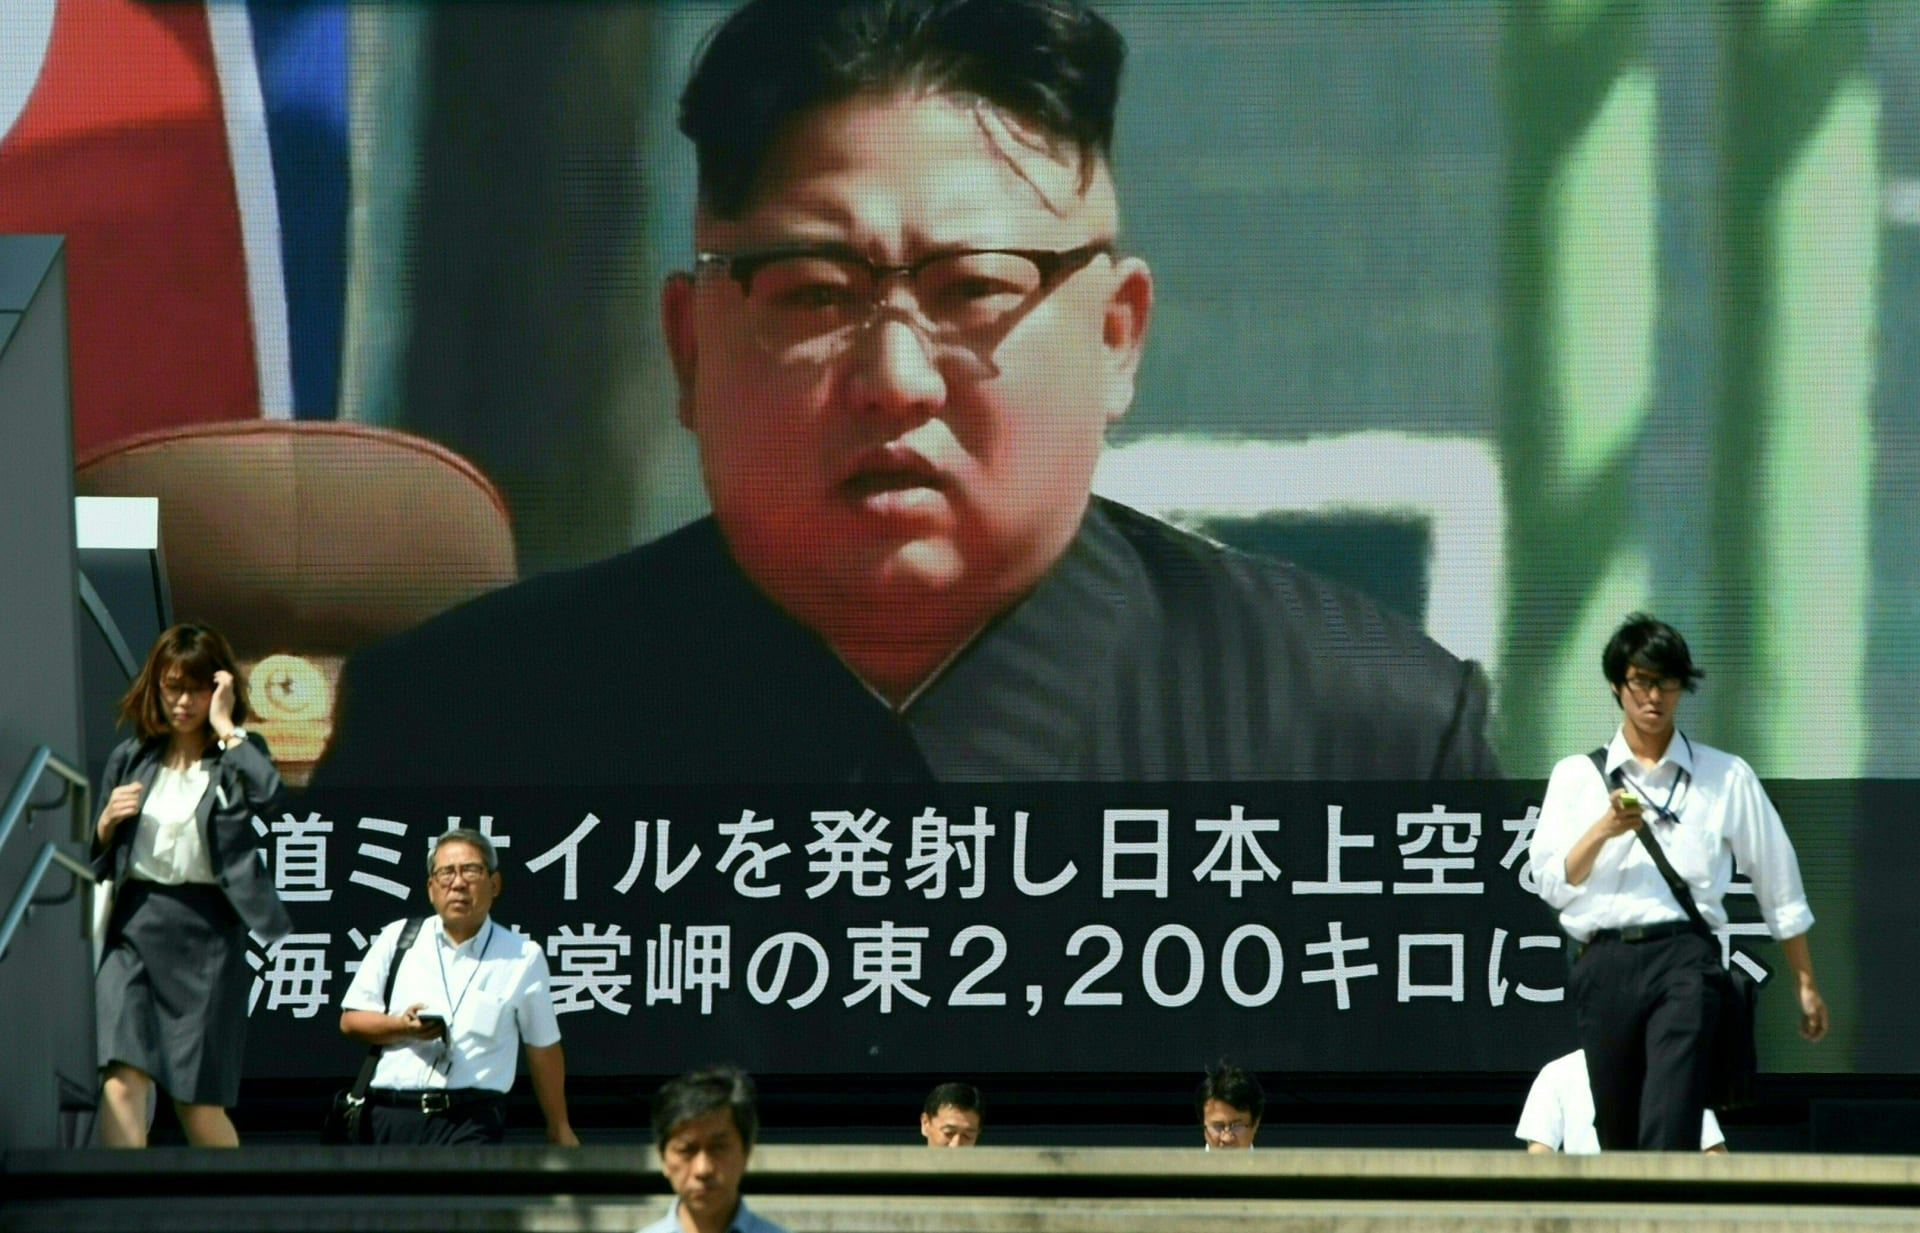 كوريا الجنوبية ترسل وفداً رفيع المستوى لجارتها الشمالية